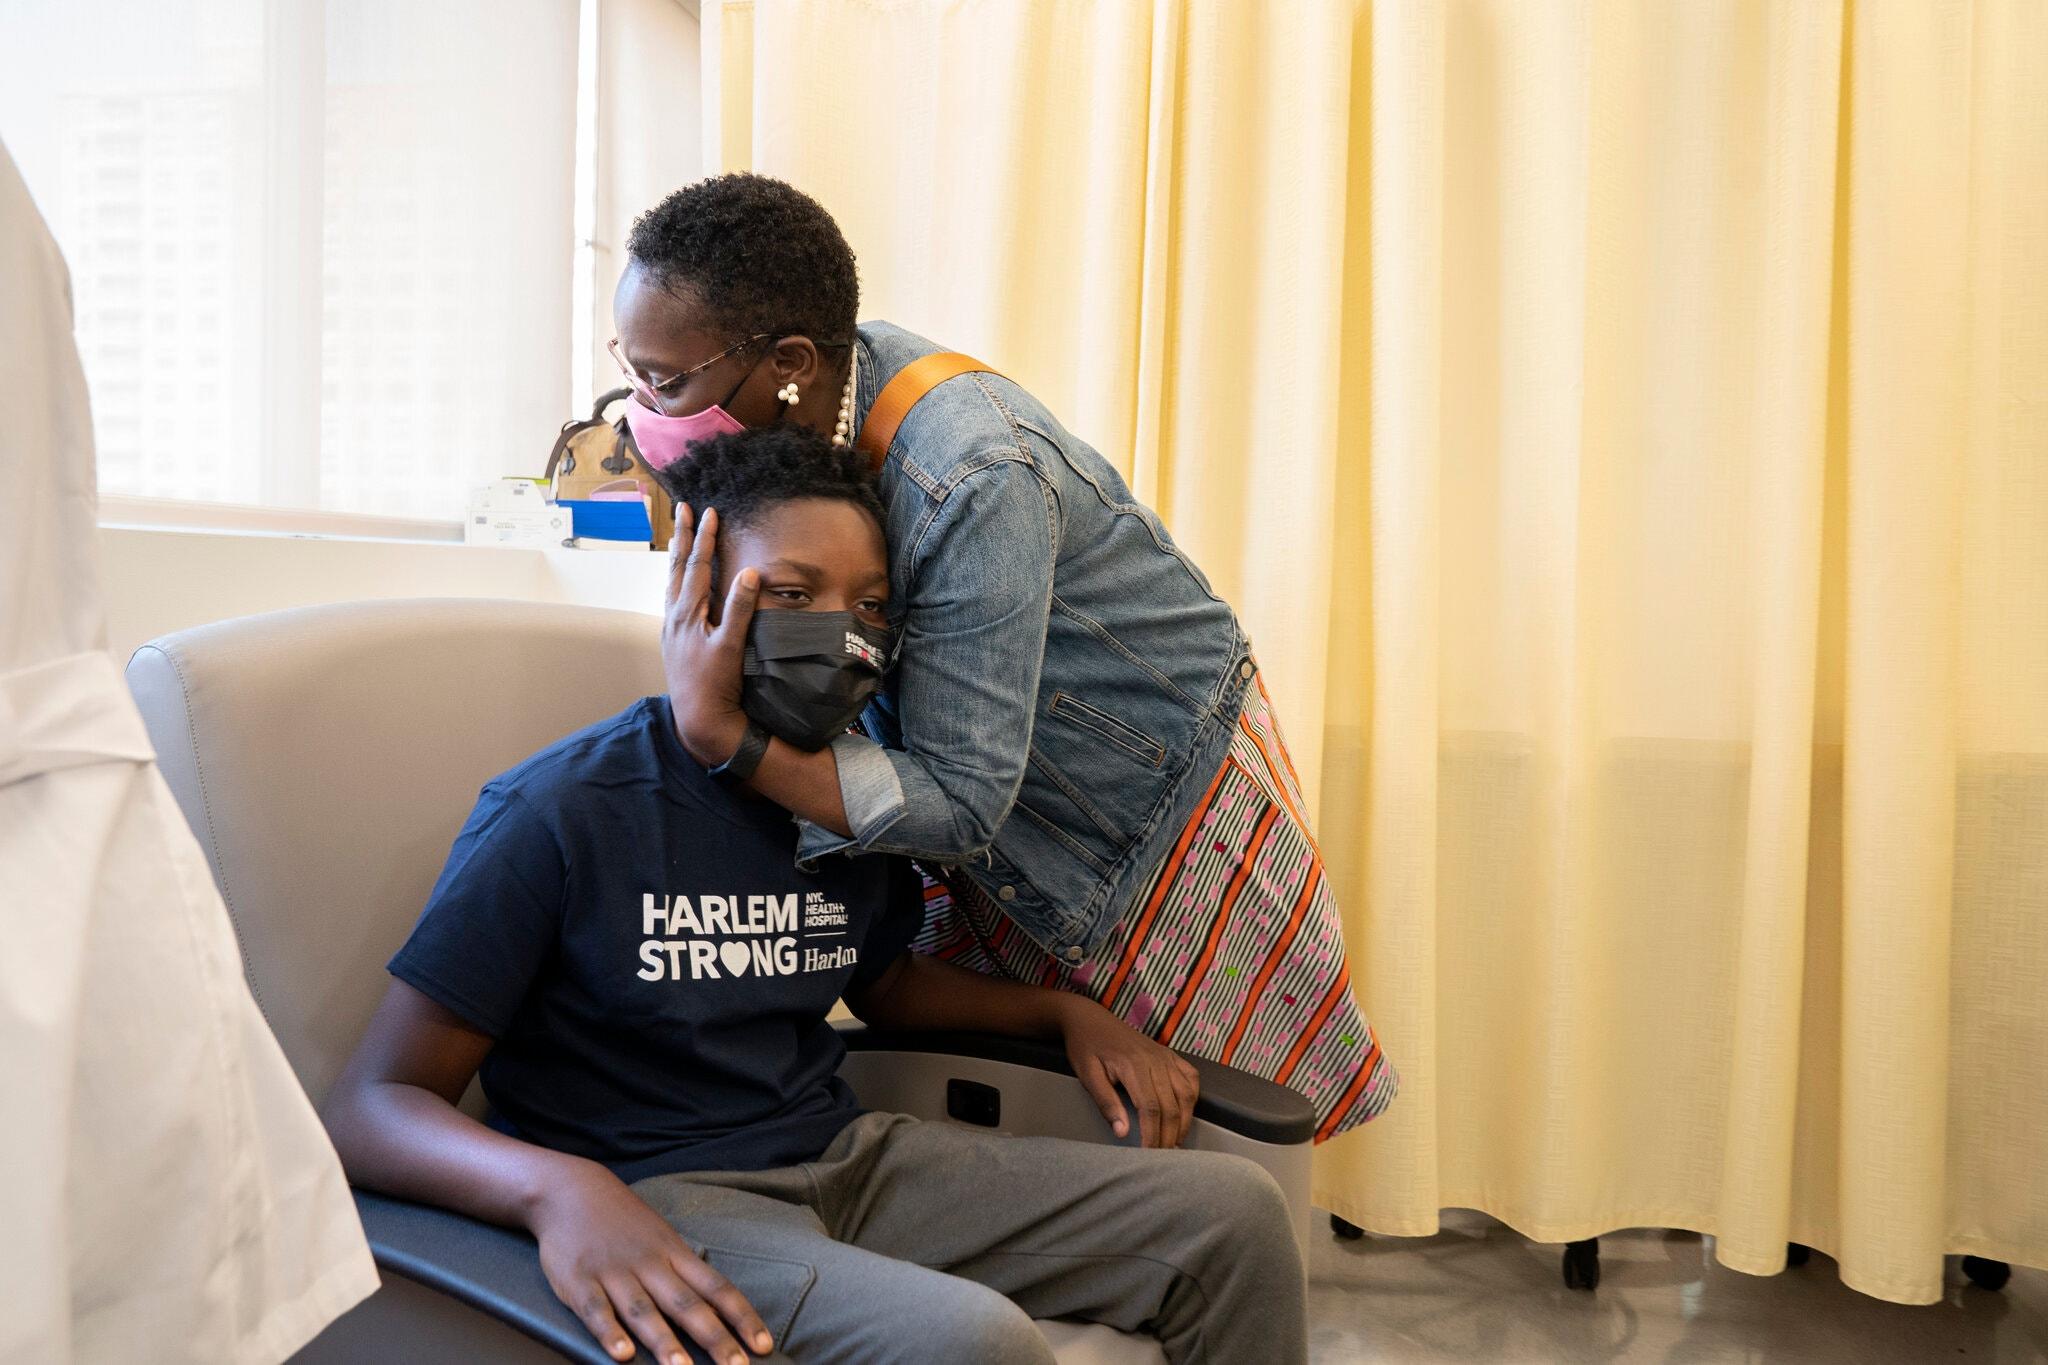 Julian Boyce, 14 tuổi, và mẹ là Satrina Boyce tại Trung tâm Bệnh viện Harlem, Manhattan sau khi hoàn thành mũi vaccine đầu tiên, ngày 13/4. Ảnh: NY Times